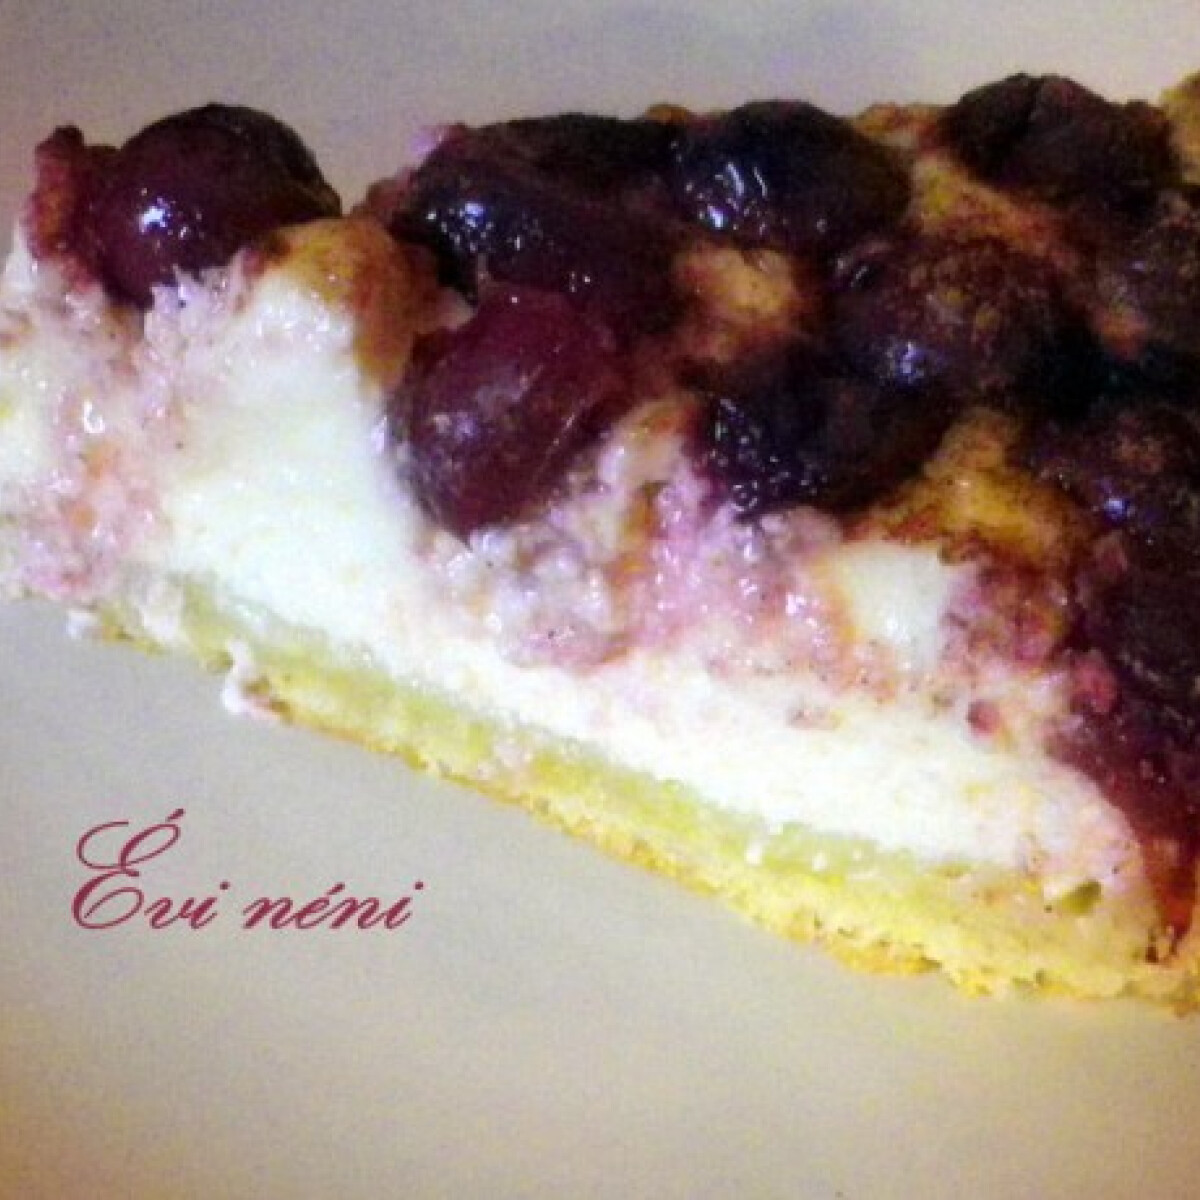 Ezen a képen: Meggyes-túrós pite Évi néni konyhájából